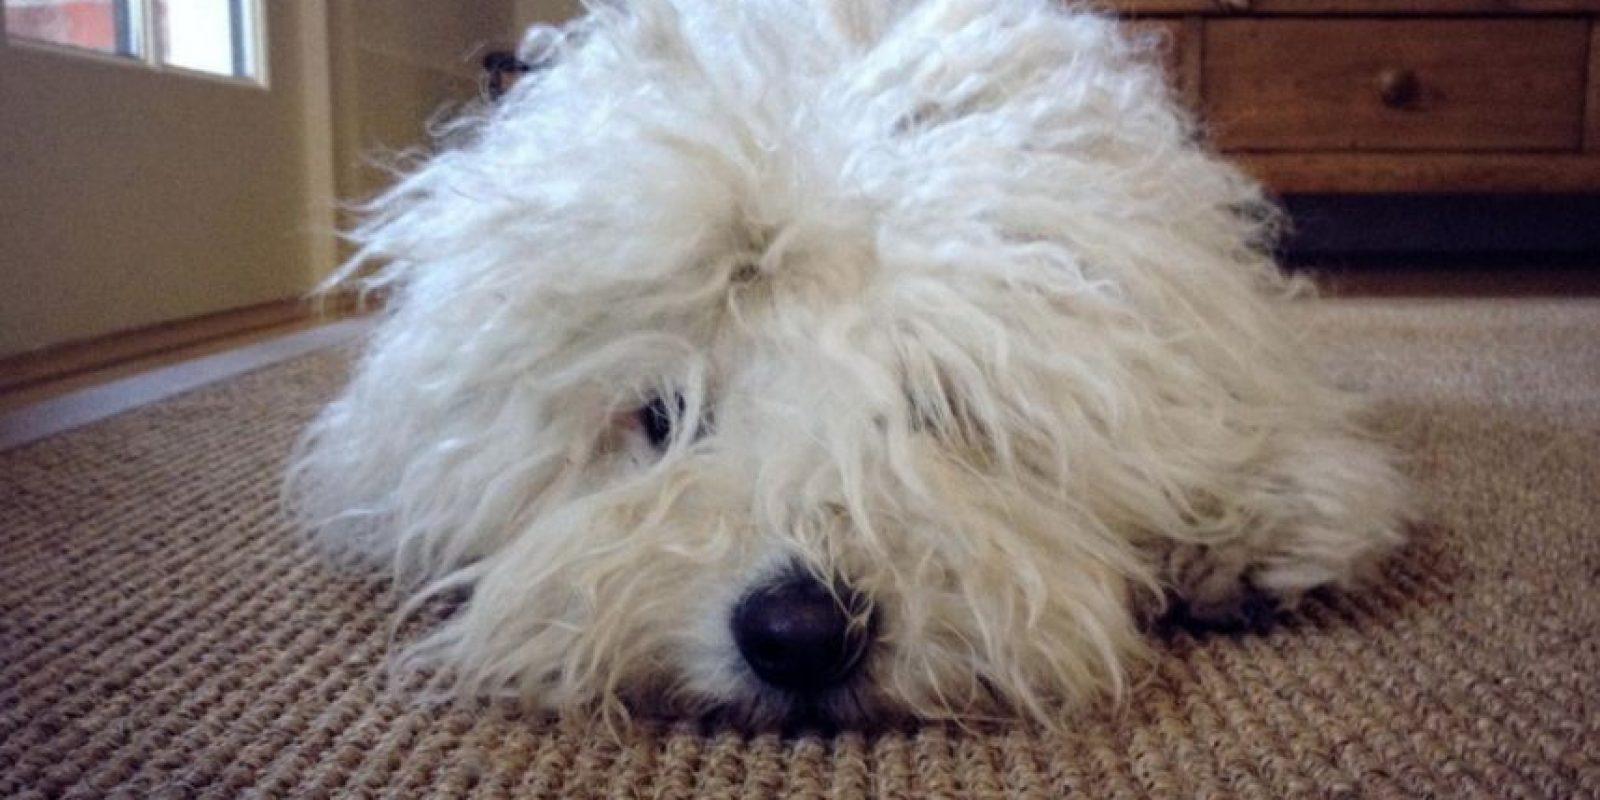 Con cara de sueño. Foto:facebook.com/beast.the.dog